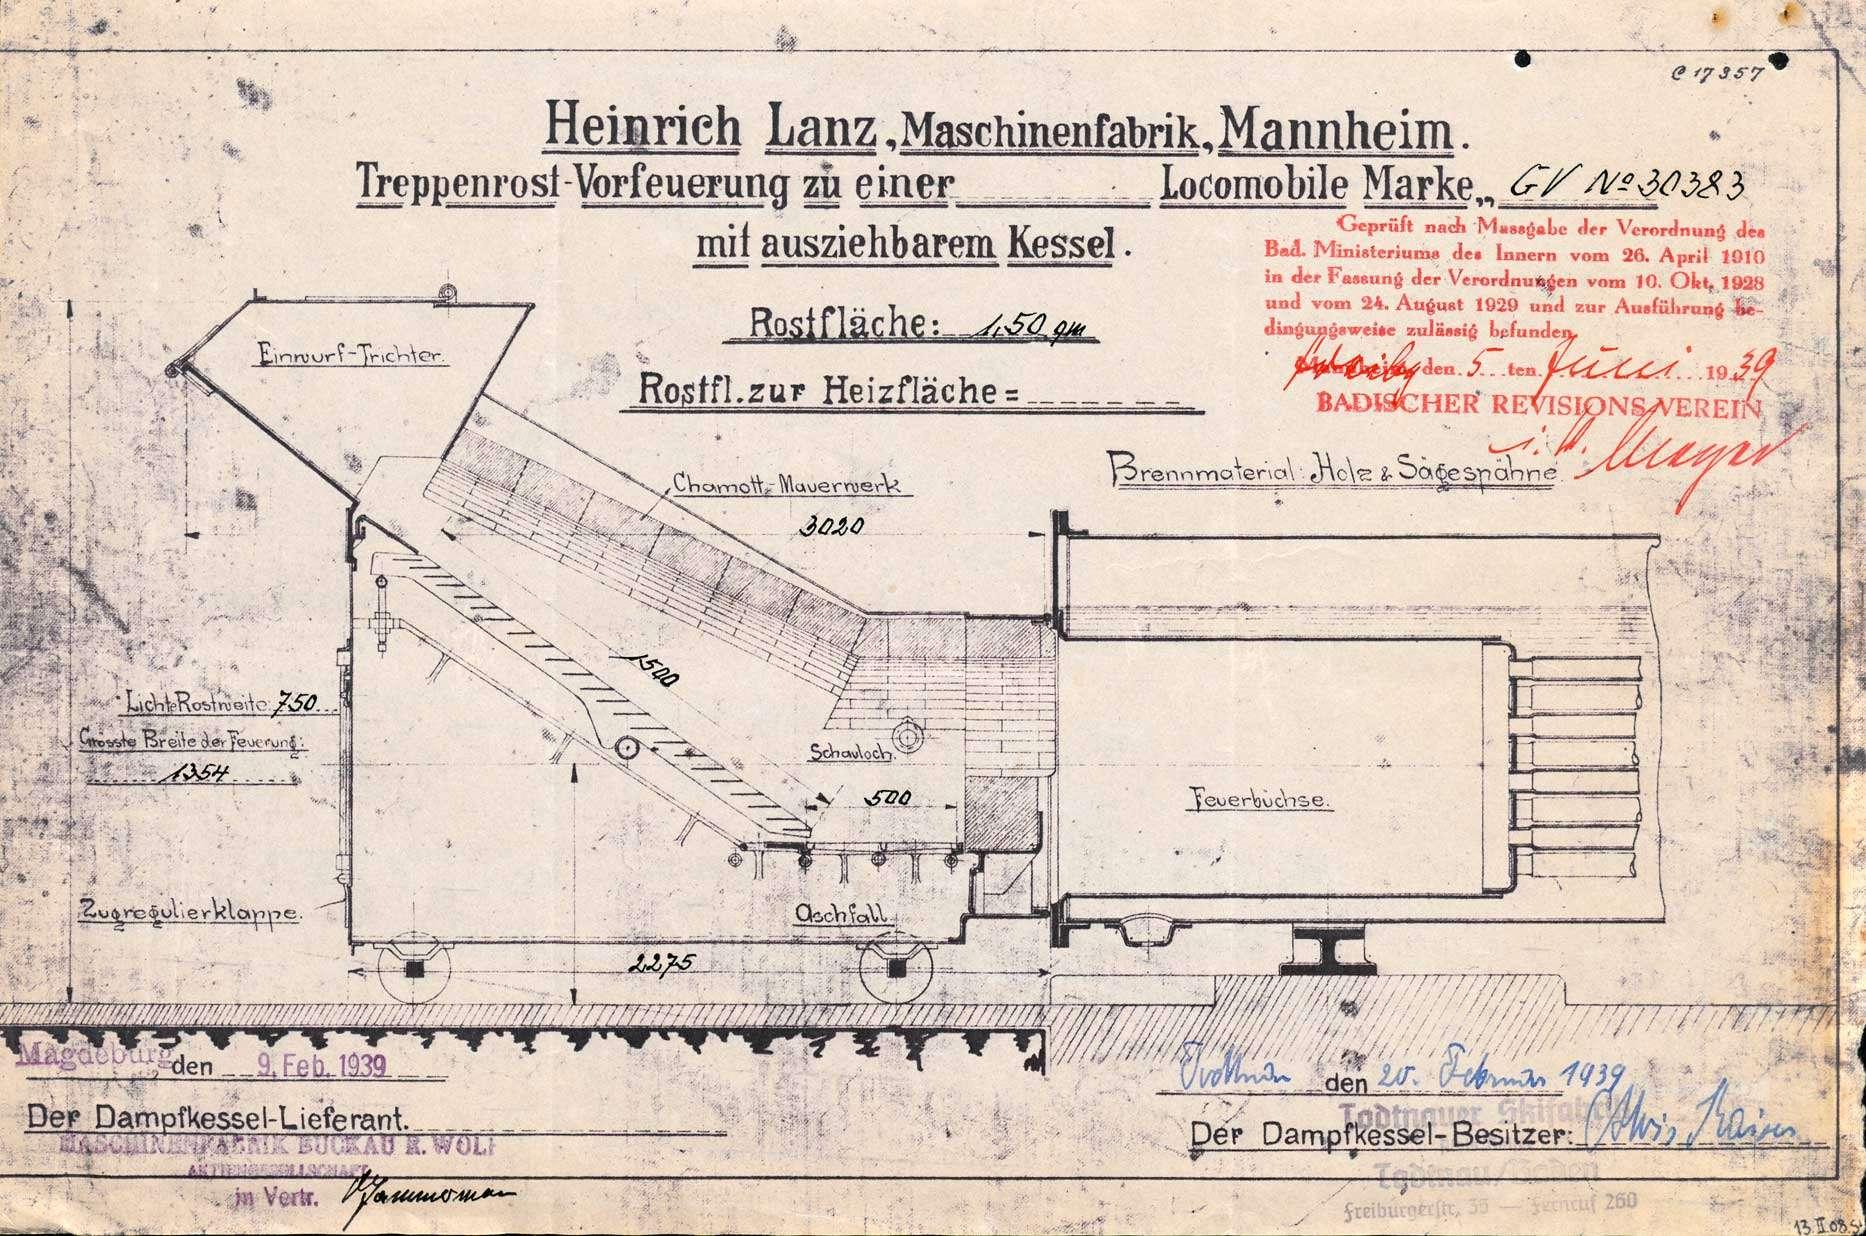 Erstellung eines Dampfkessels durch die Todtnauer Skifabrik A. Kaiser, Bild 2